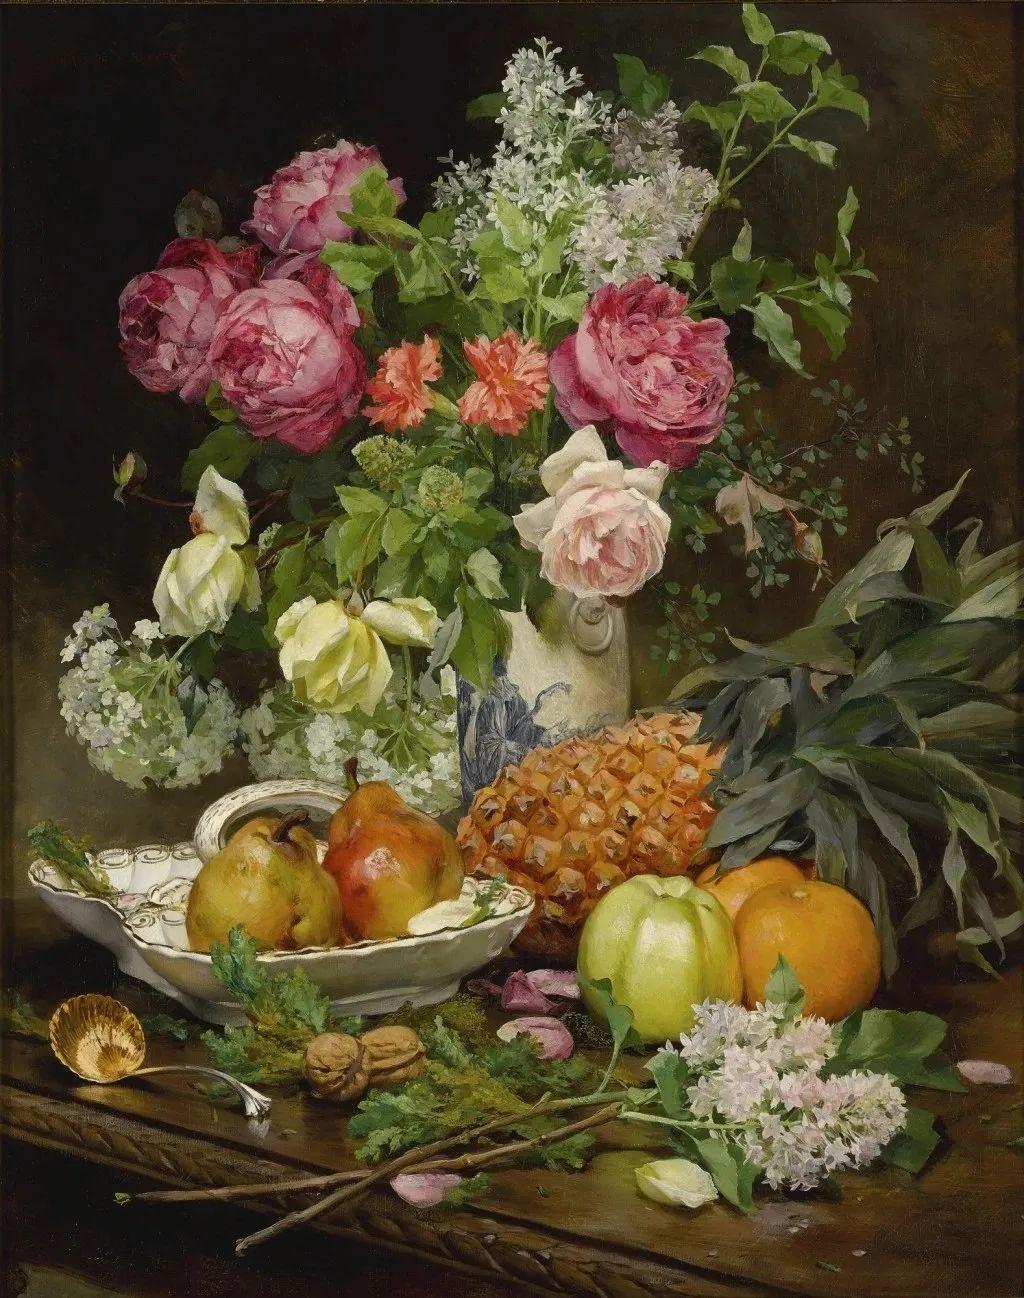 100年多前,她们是这样摆摊卖花的,好美的画面!插图46